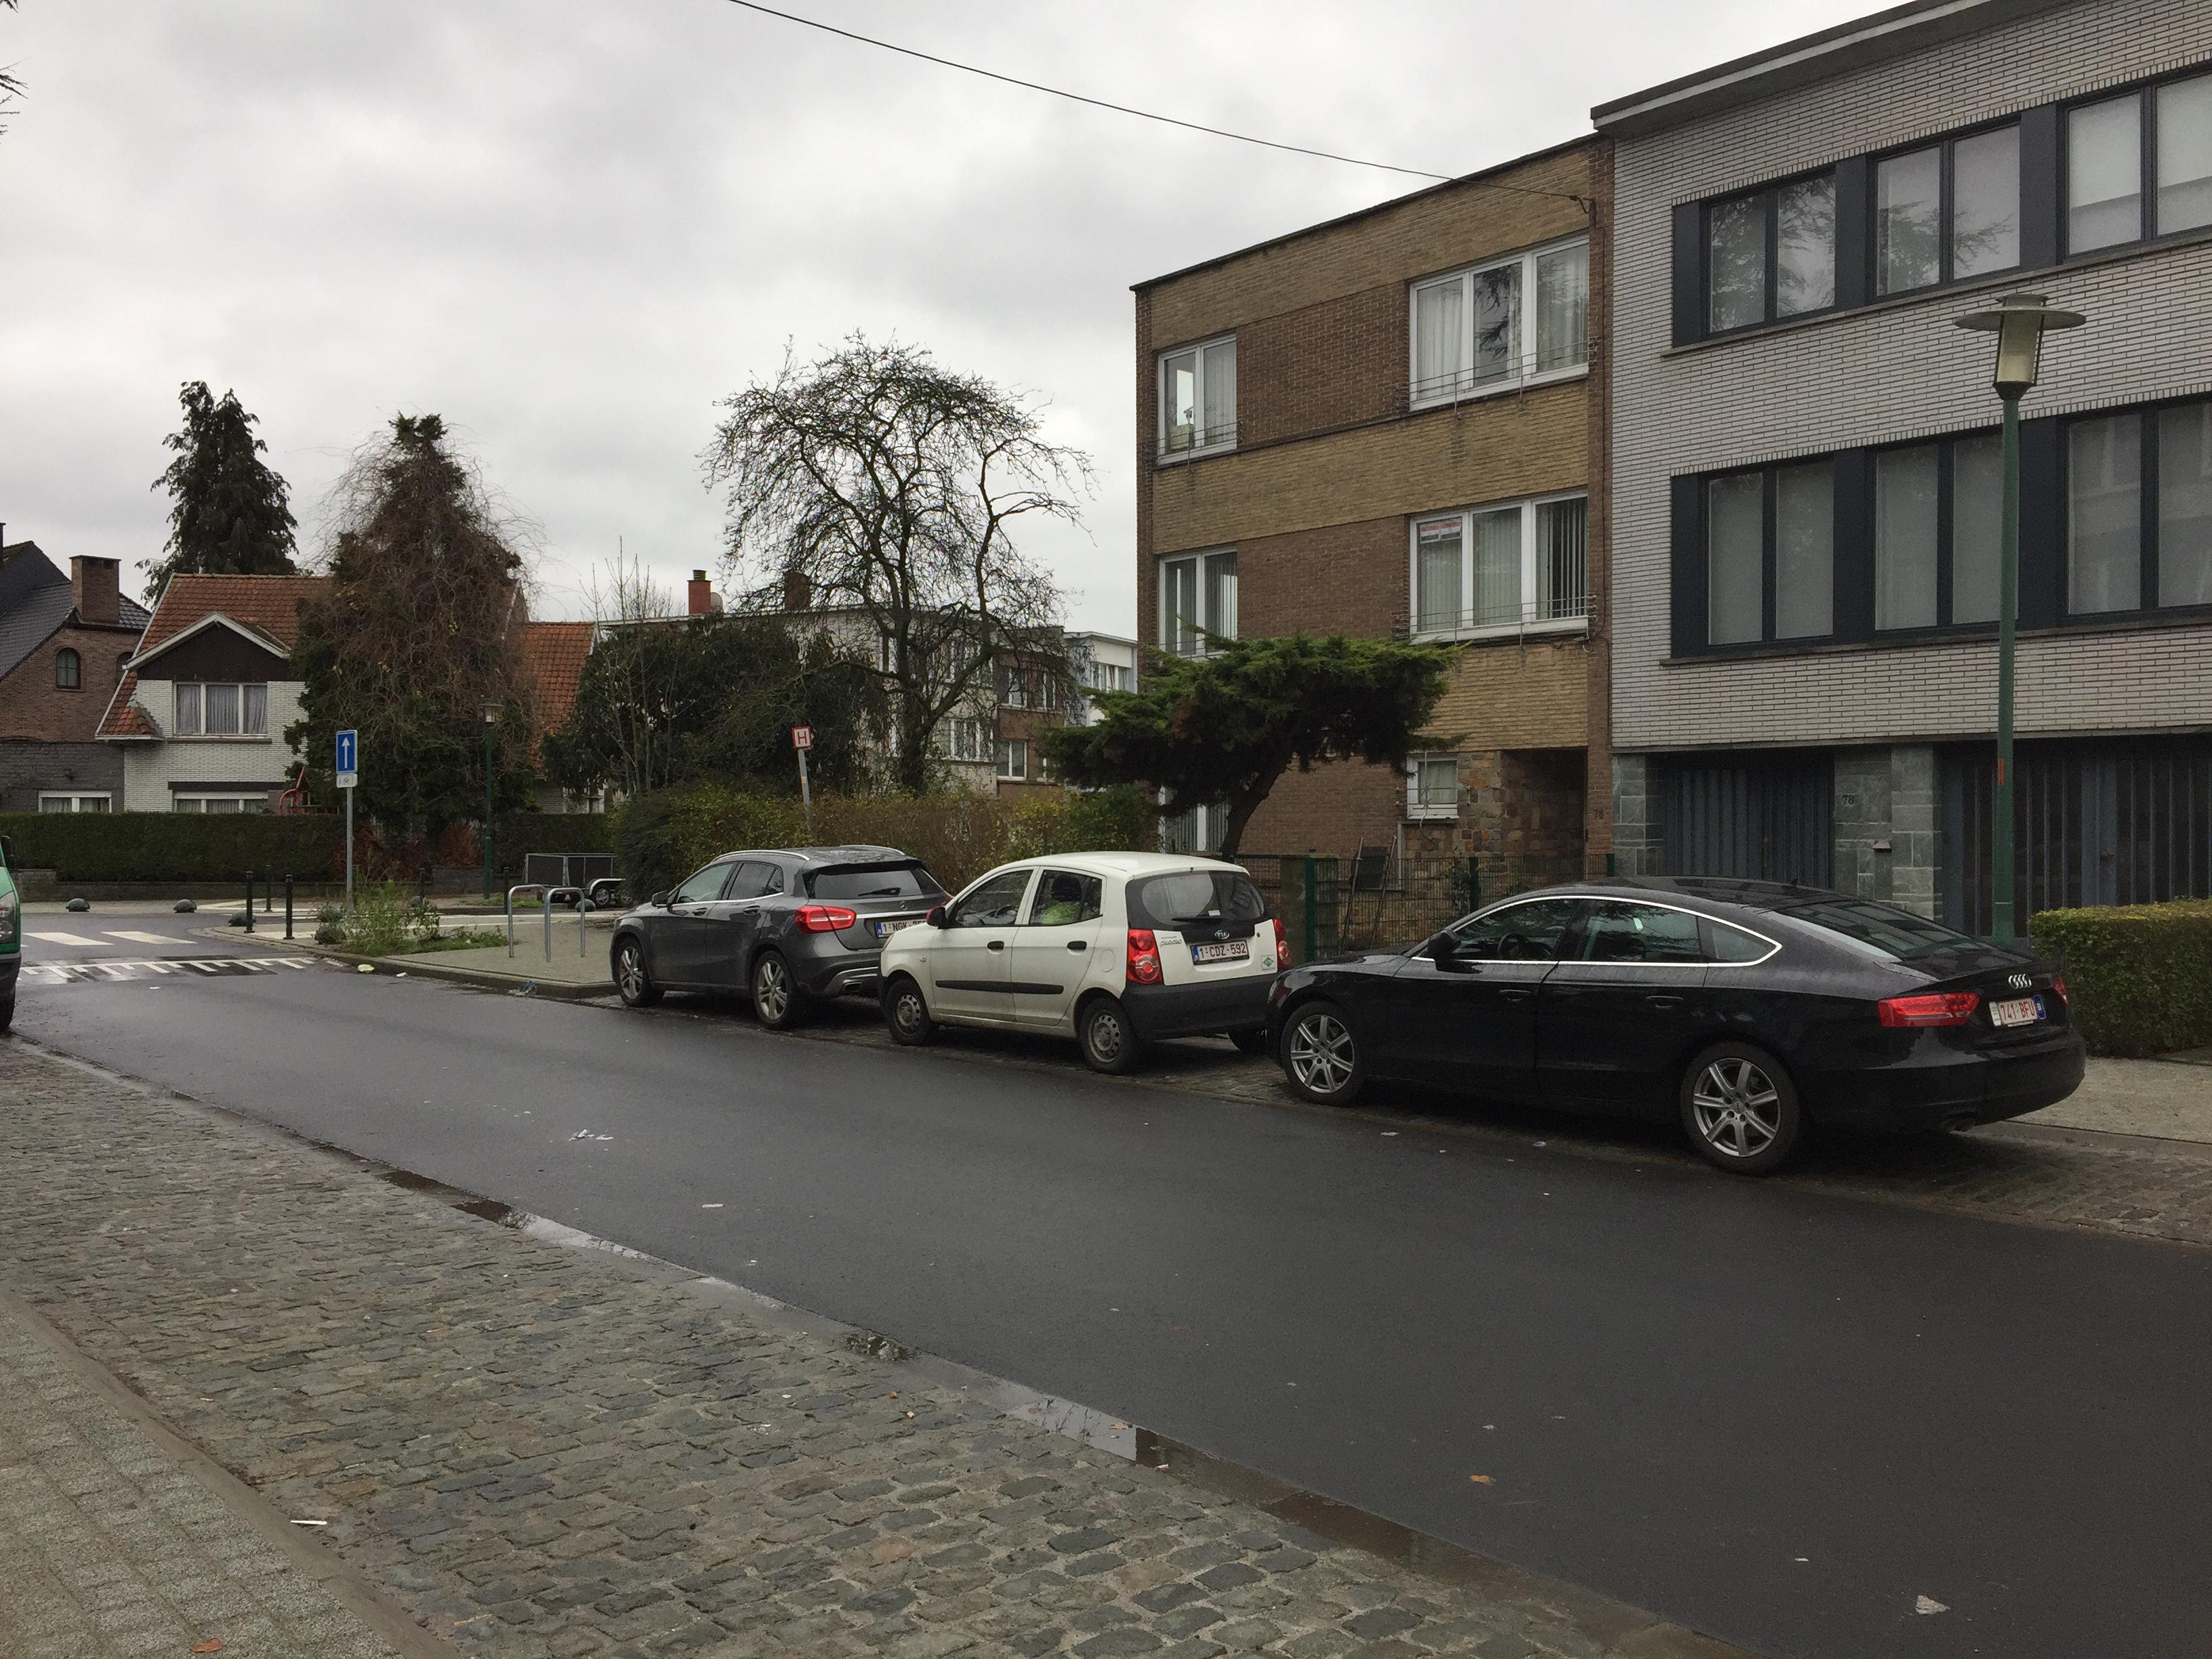 Image Bruxelles, Charmante maison avec jardin 0